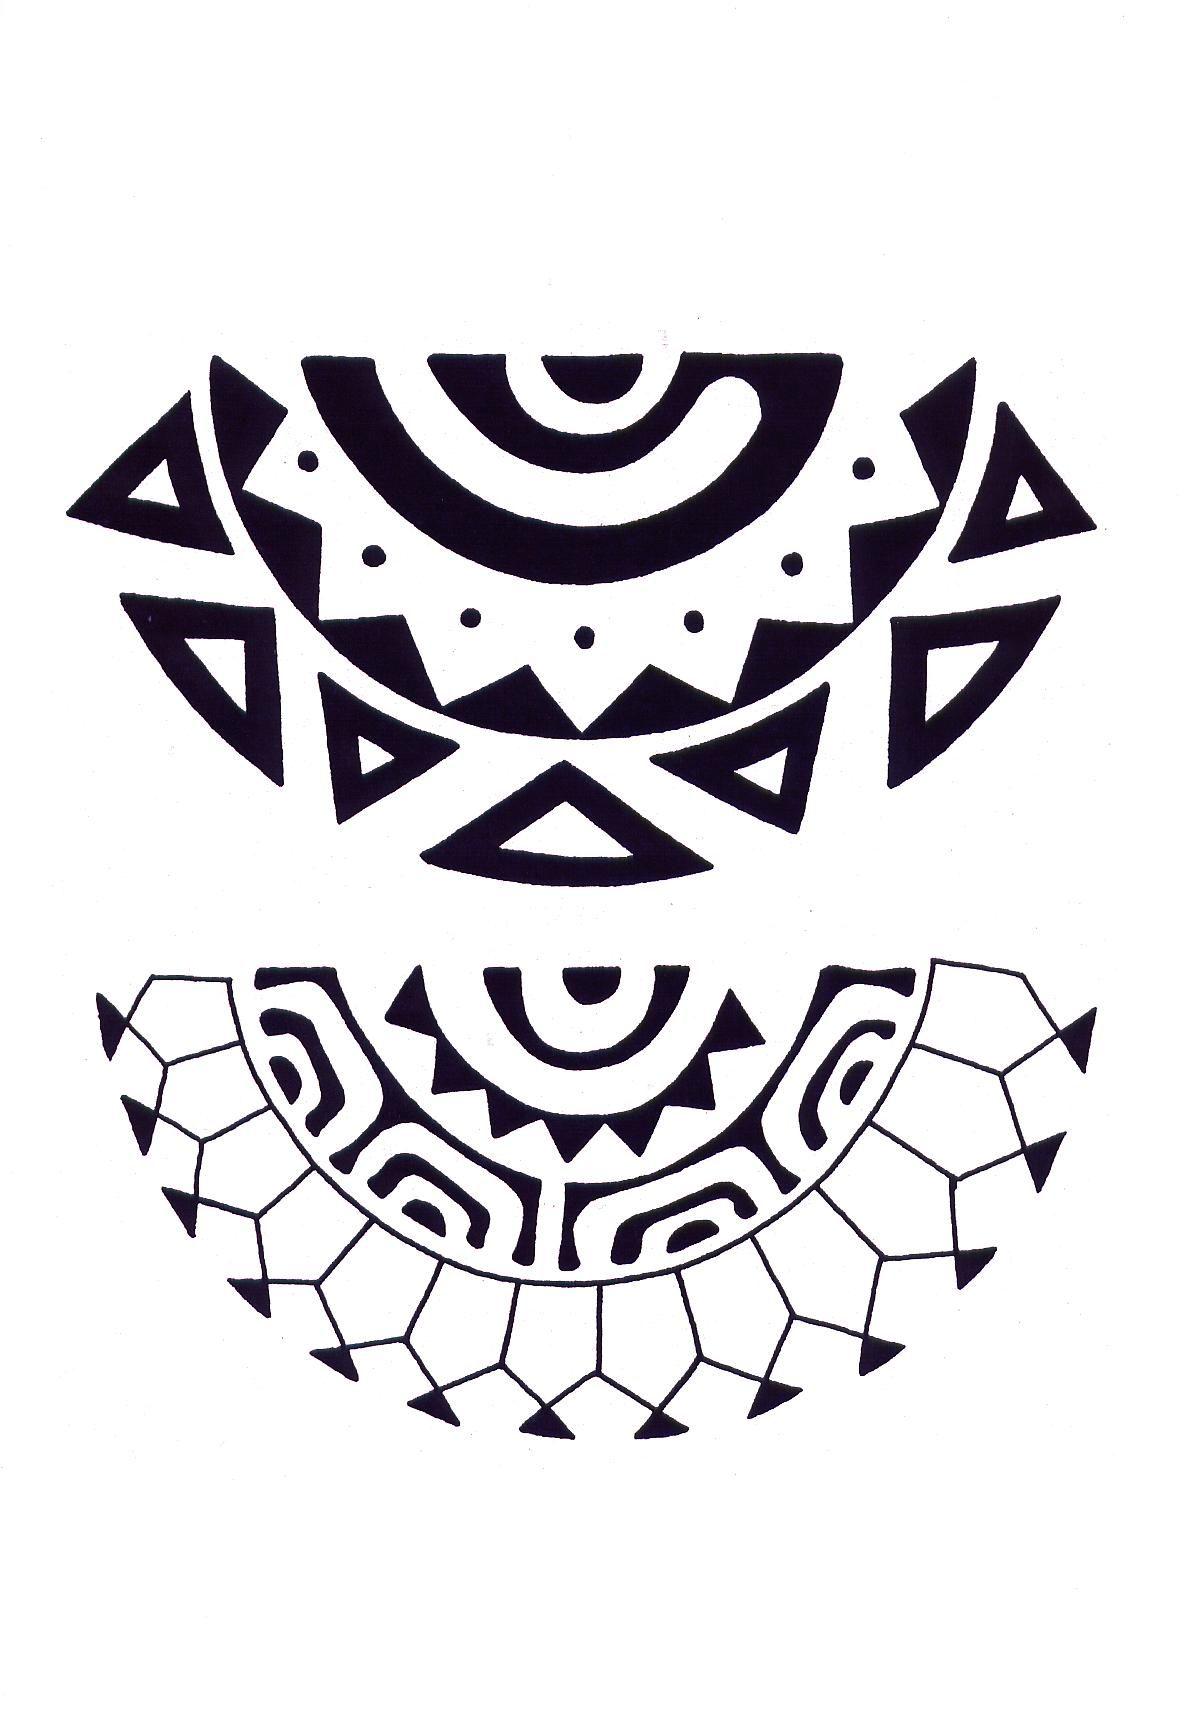 Tribual Feather Tattoo Art Tribal Flash Tatto Sets Tattoo Tattoo Design Art Flash Tattoo Maori Tattoo Designs Maori Tattoo Feather Tattoo Art